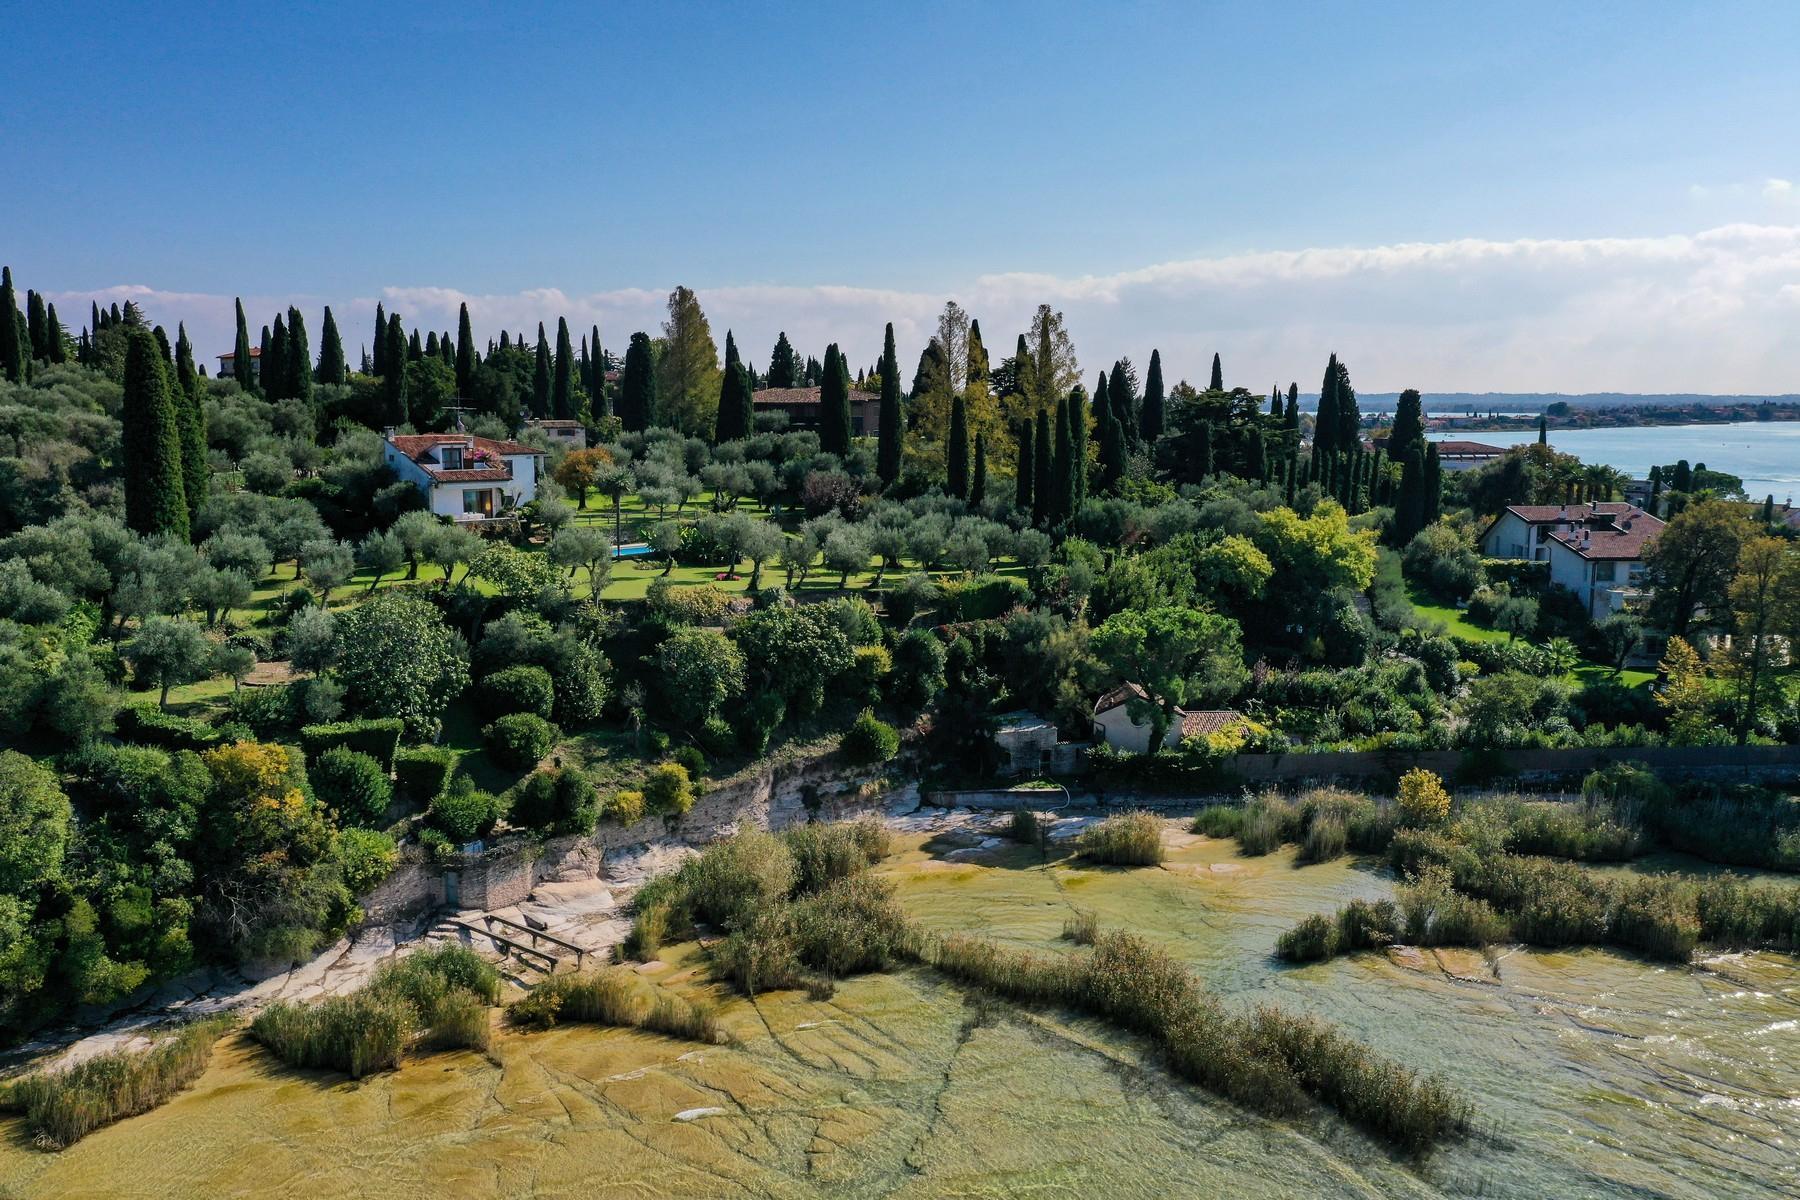 Esclusiva Villa pieds dans l'eau sulla Penisola di Sirmione - 27